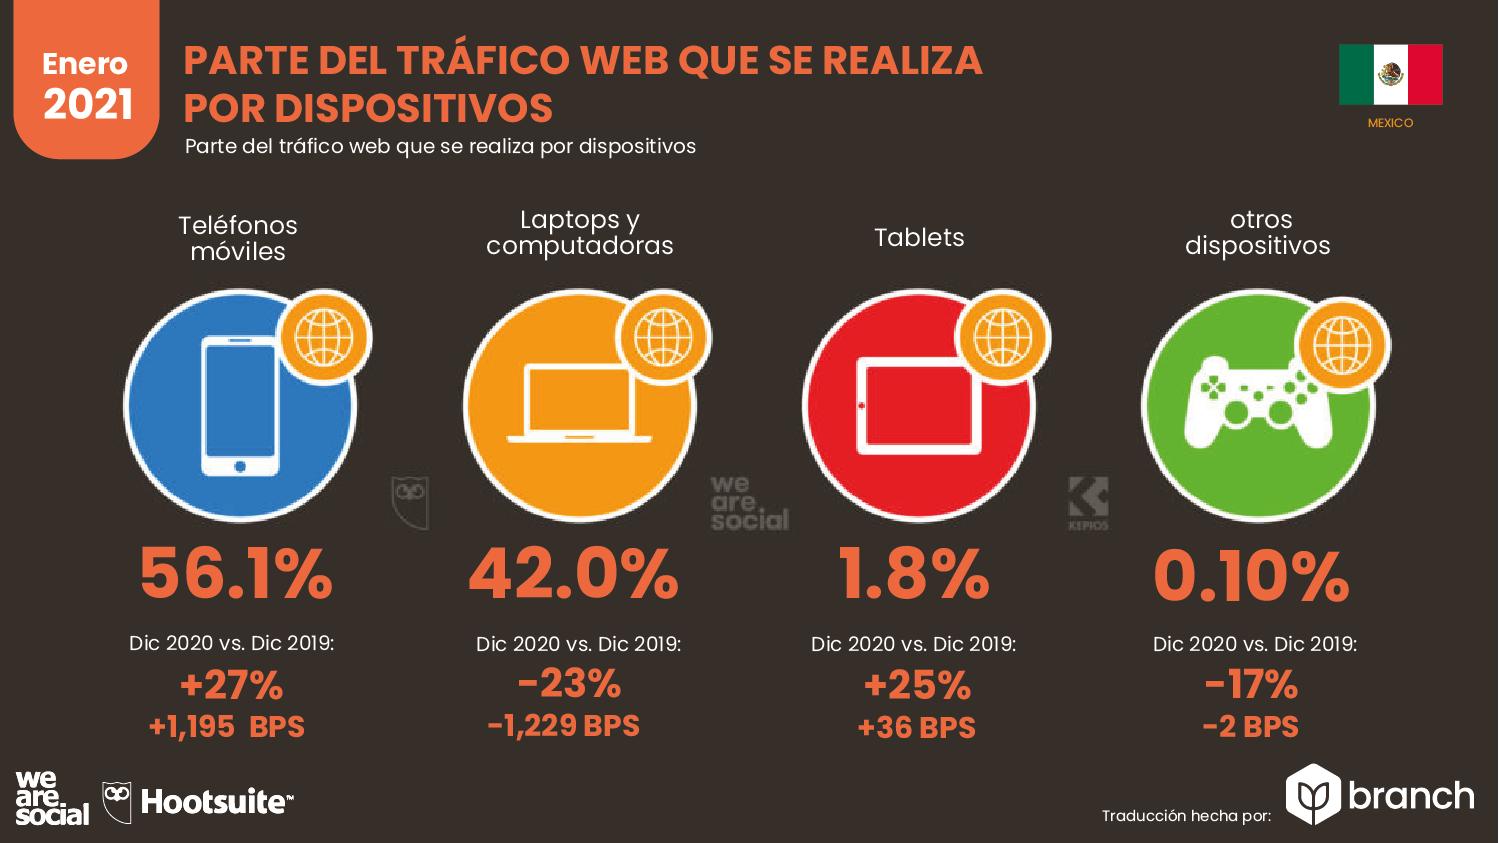 trafico-web-por-dispositivos-mexico-2020-2021